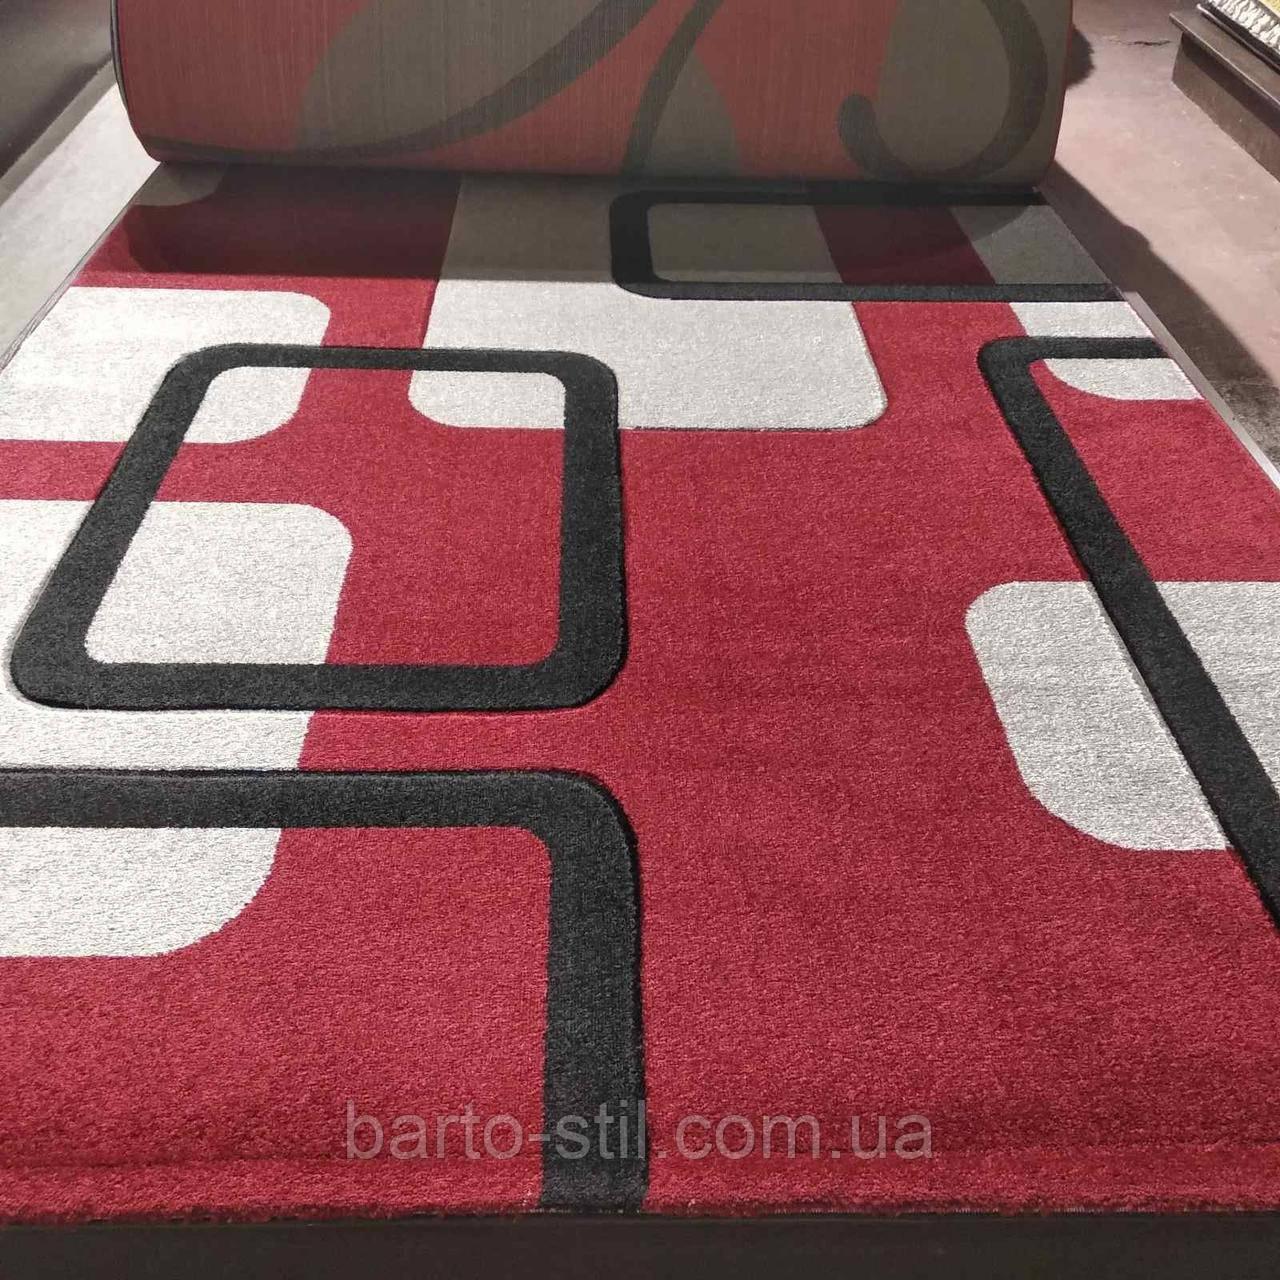 Ковер рельефный красный 2×4м.